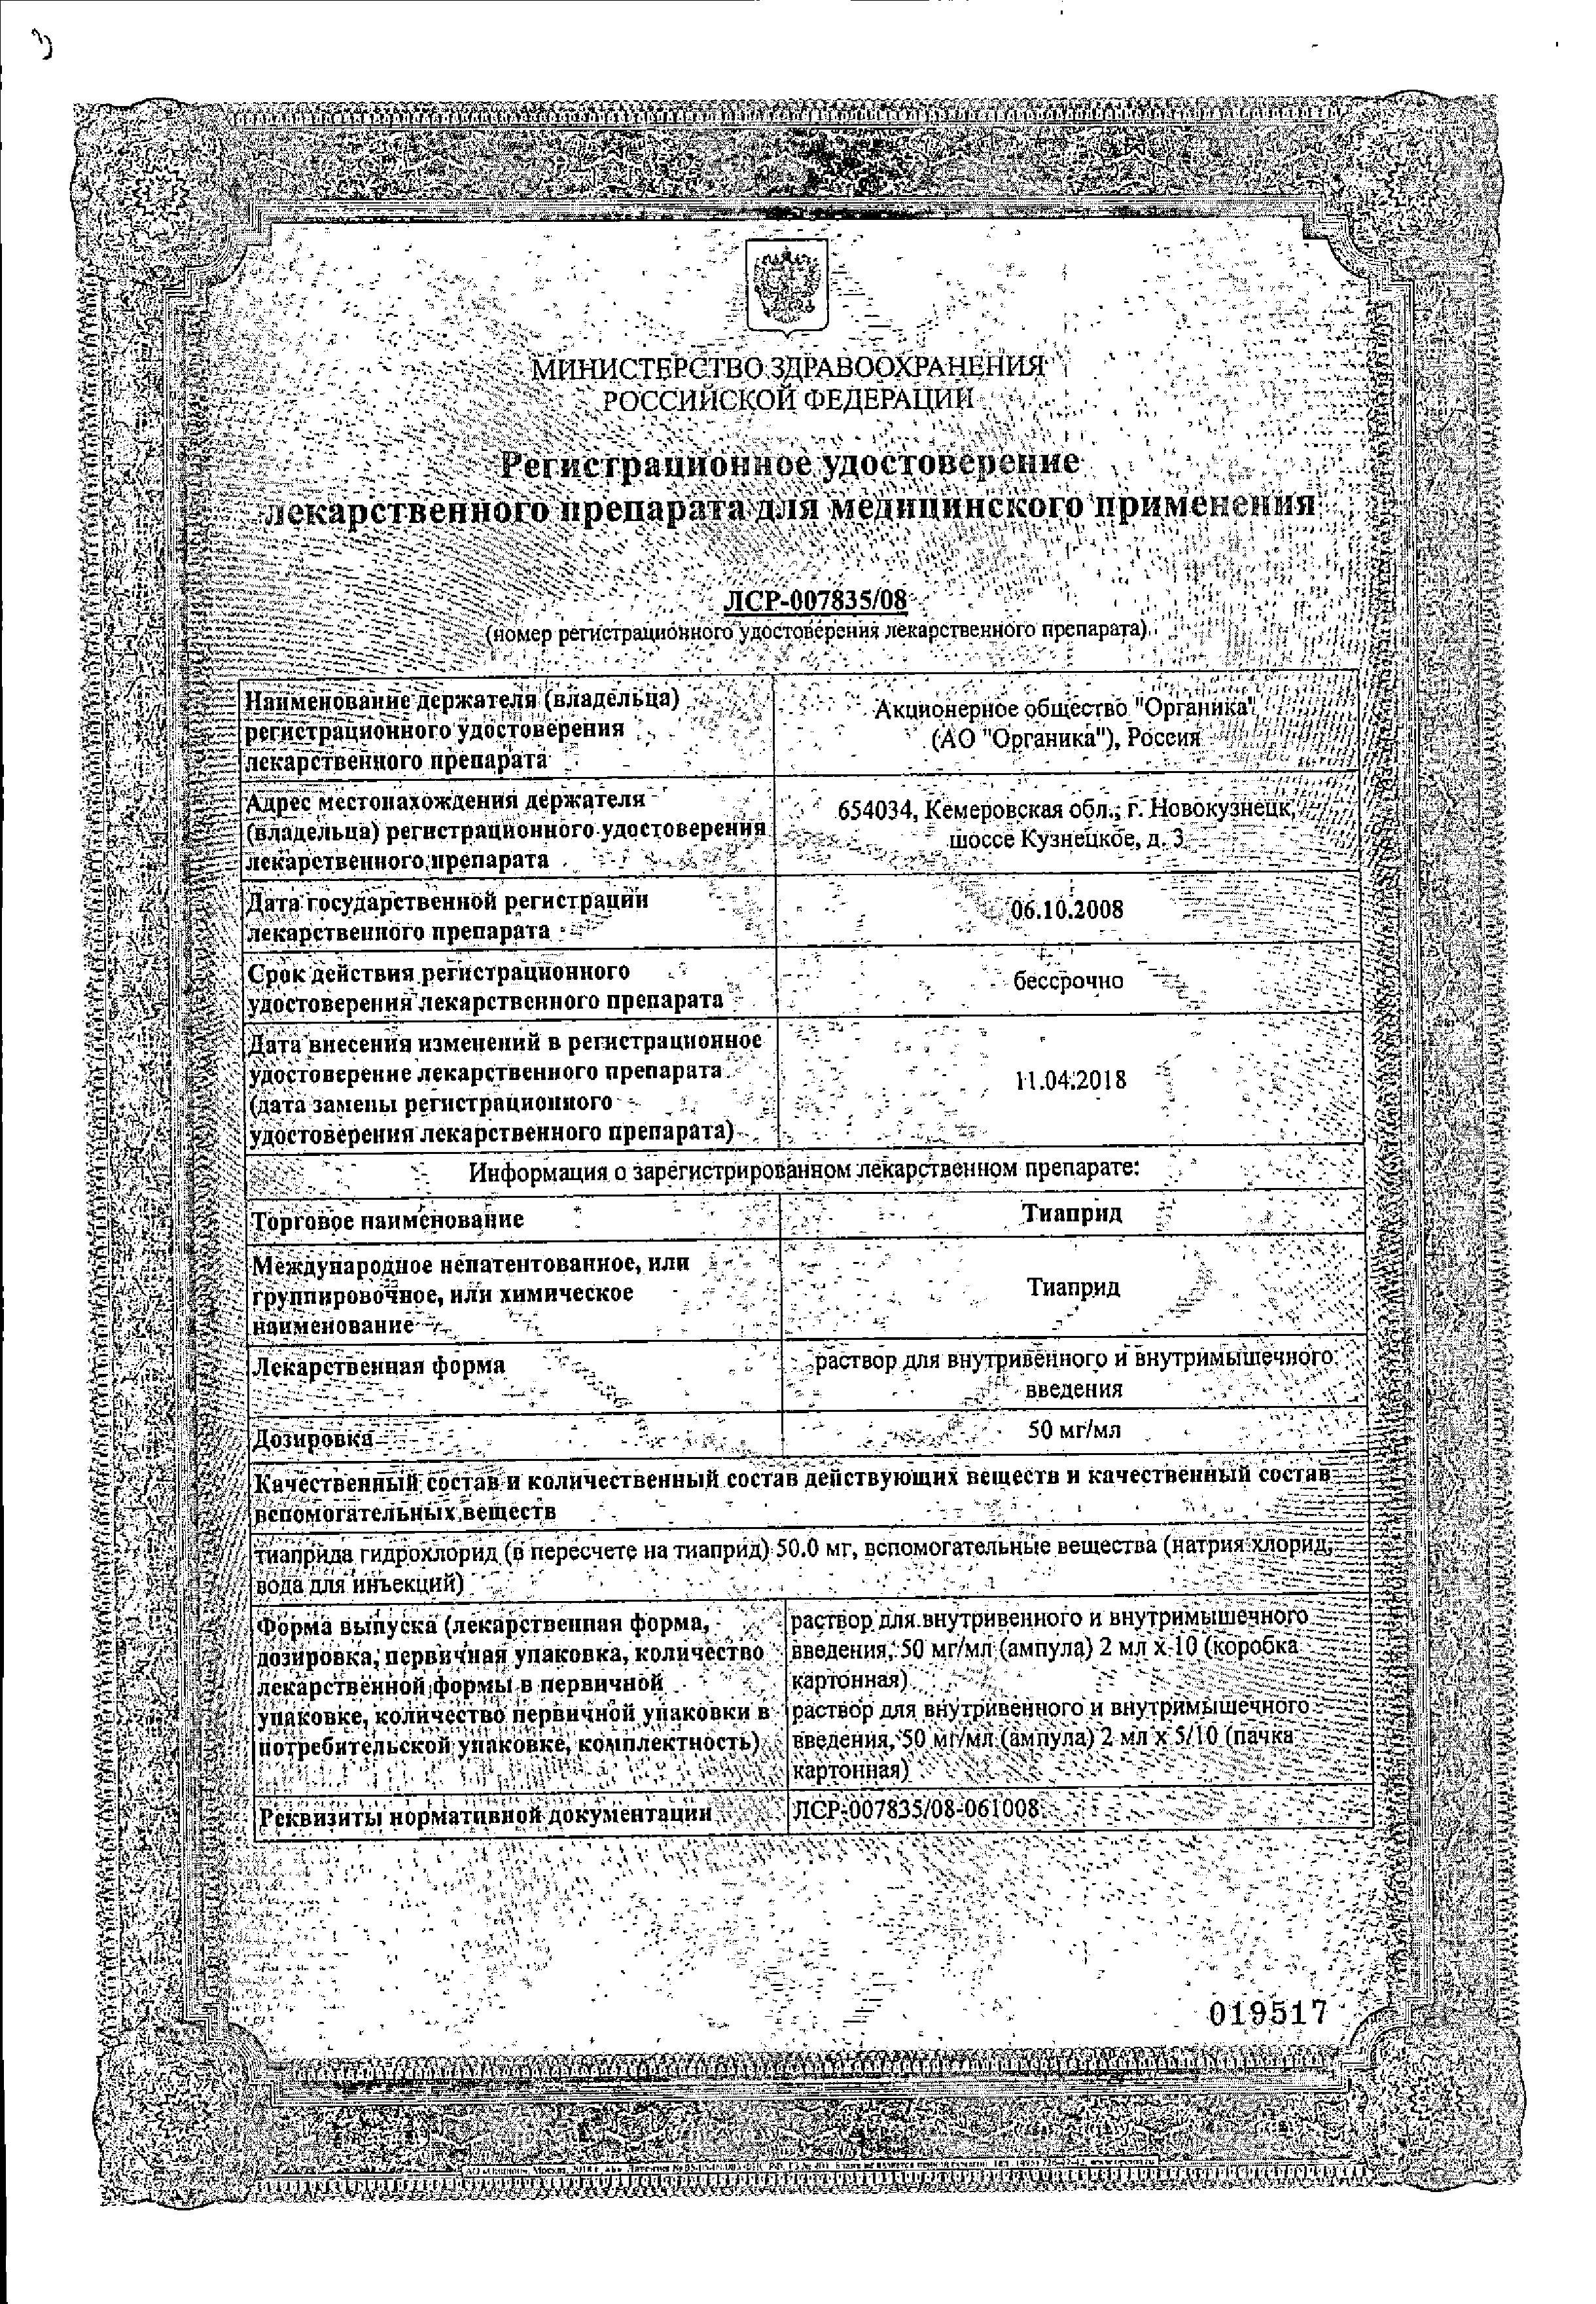 Тиаприд сертификат